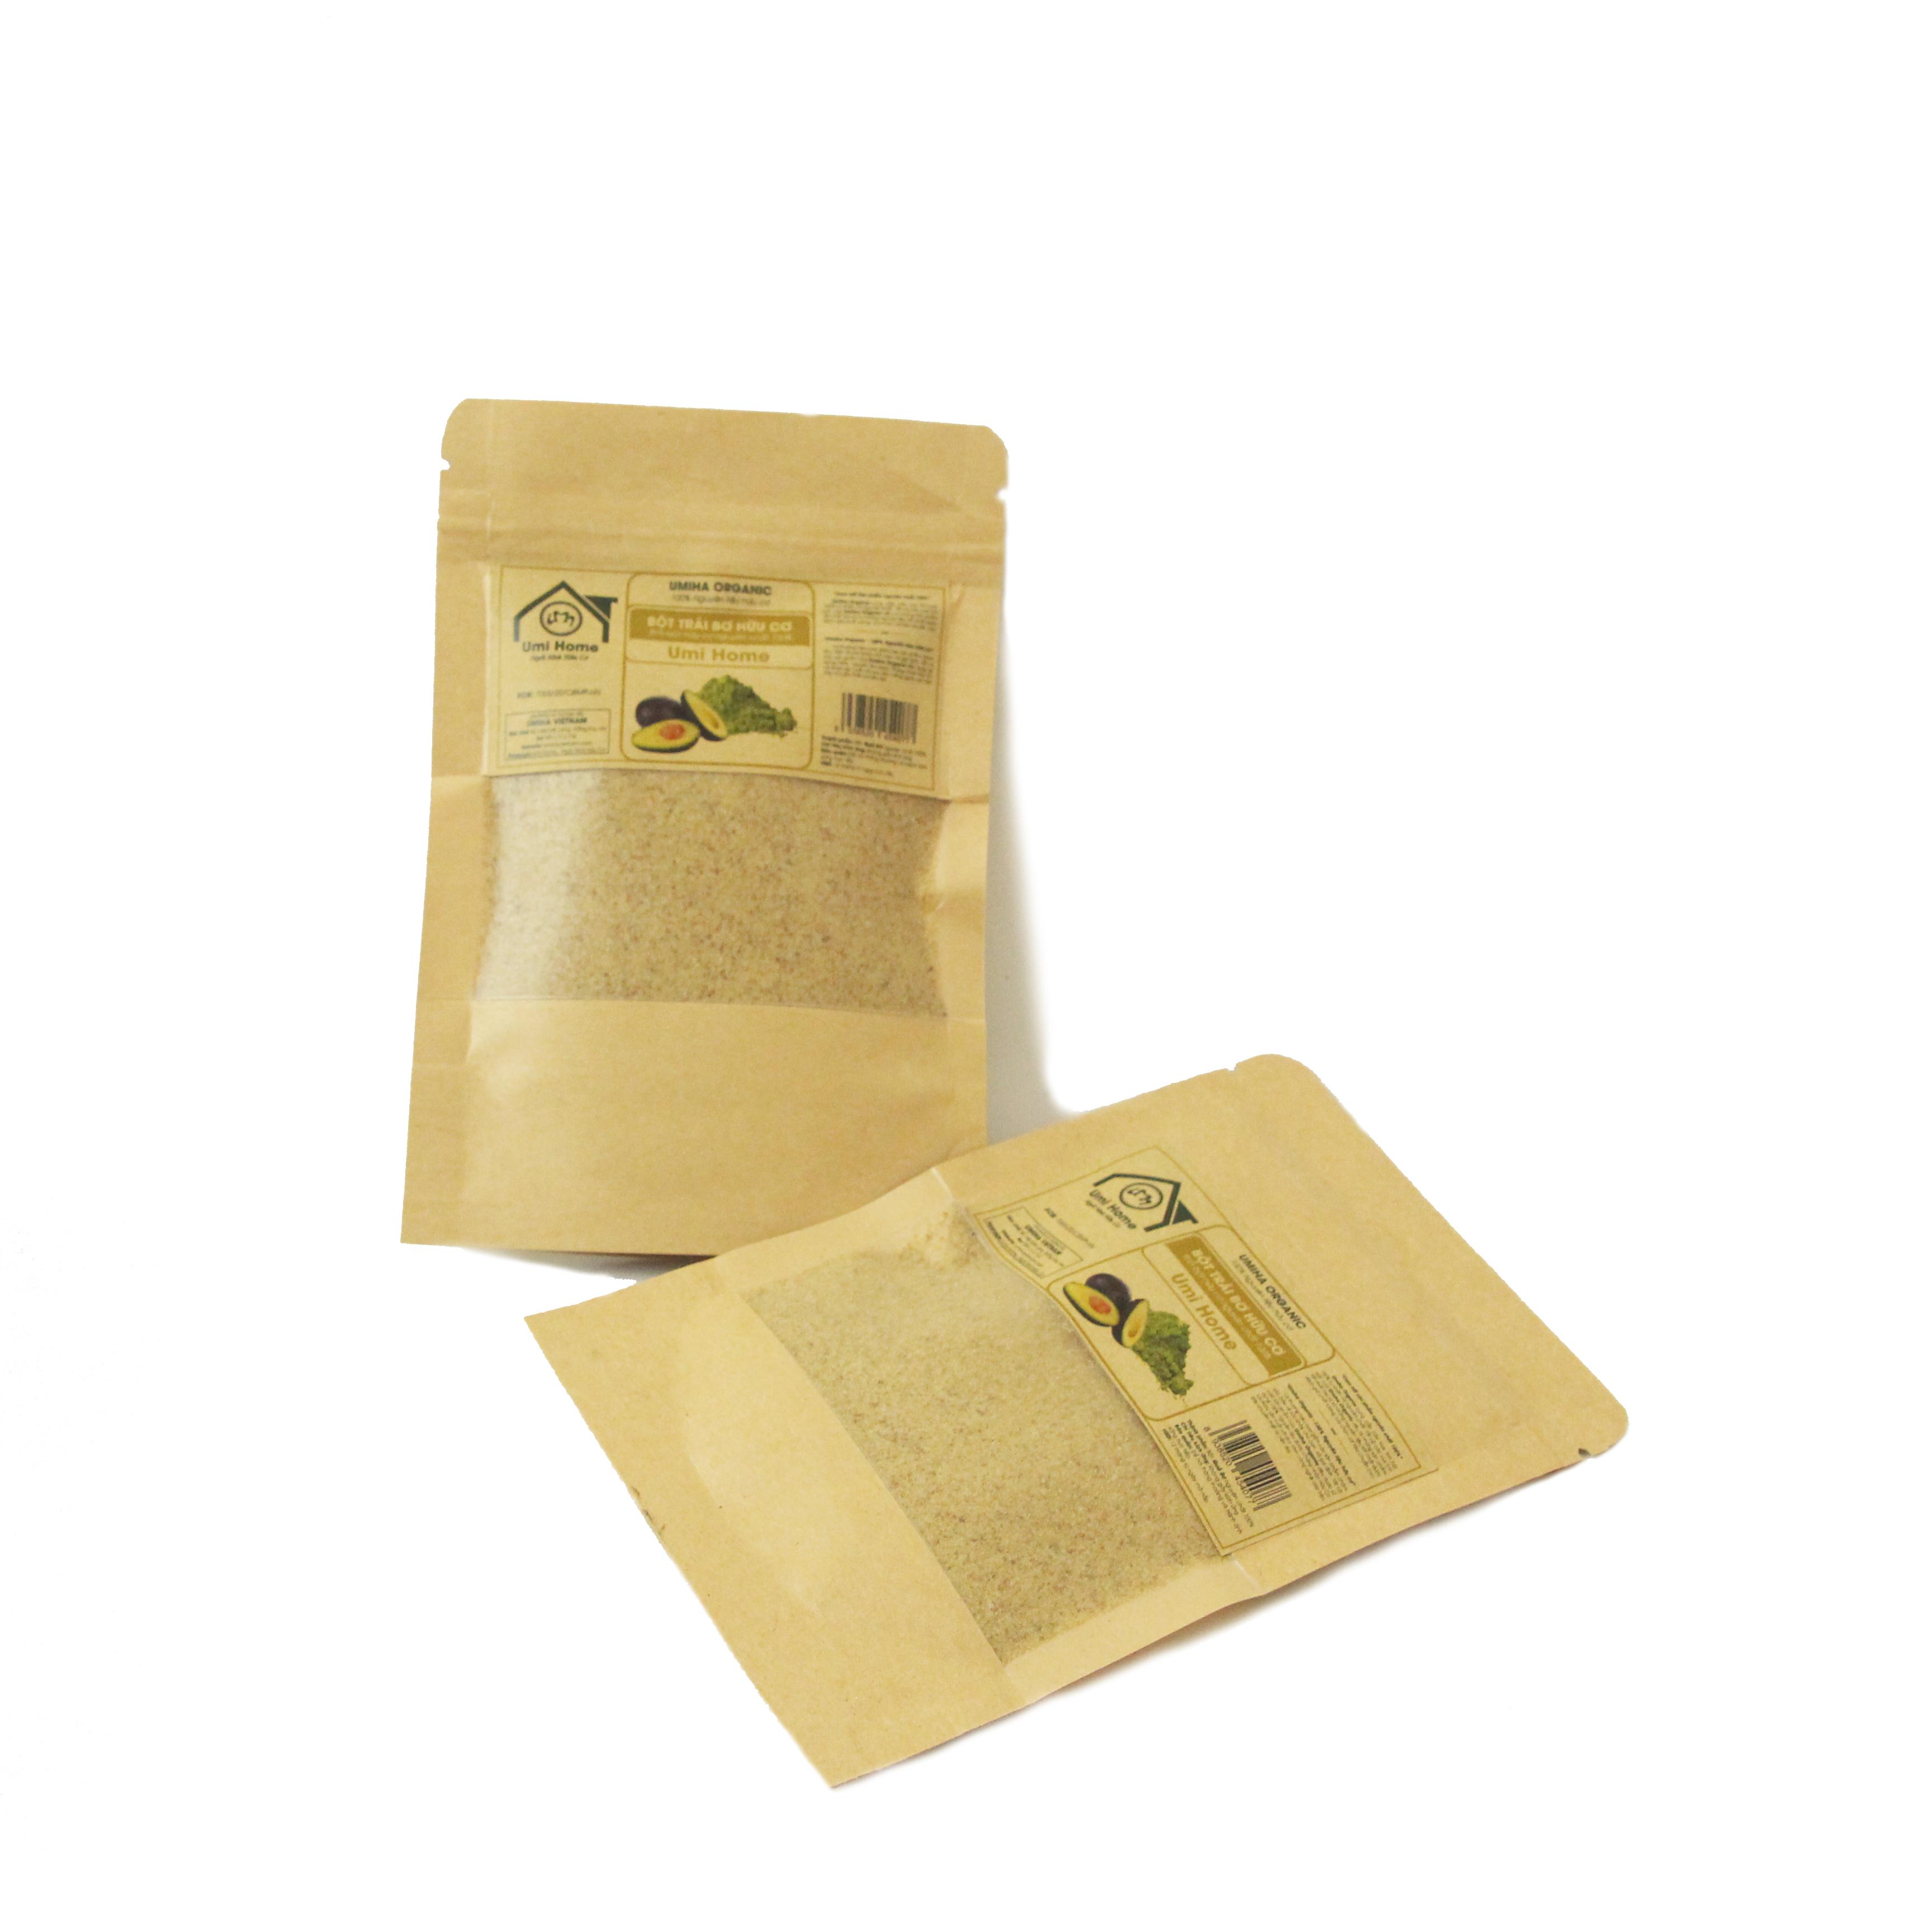 Bột Trái Bơ nguyên chất UMIHOME (35g) dùng đắp mặt nạ dưỡng ẩm da ngăn chặn lão hoá, dưỡng trắng da tự nhiên